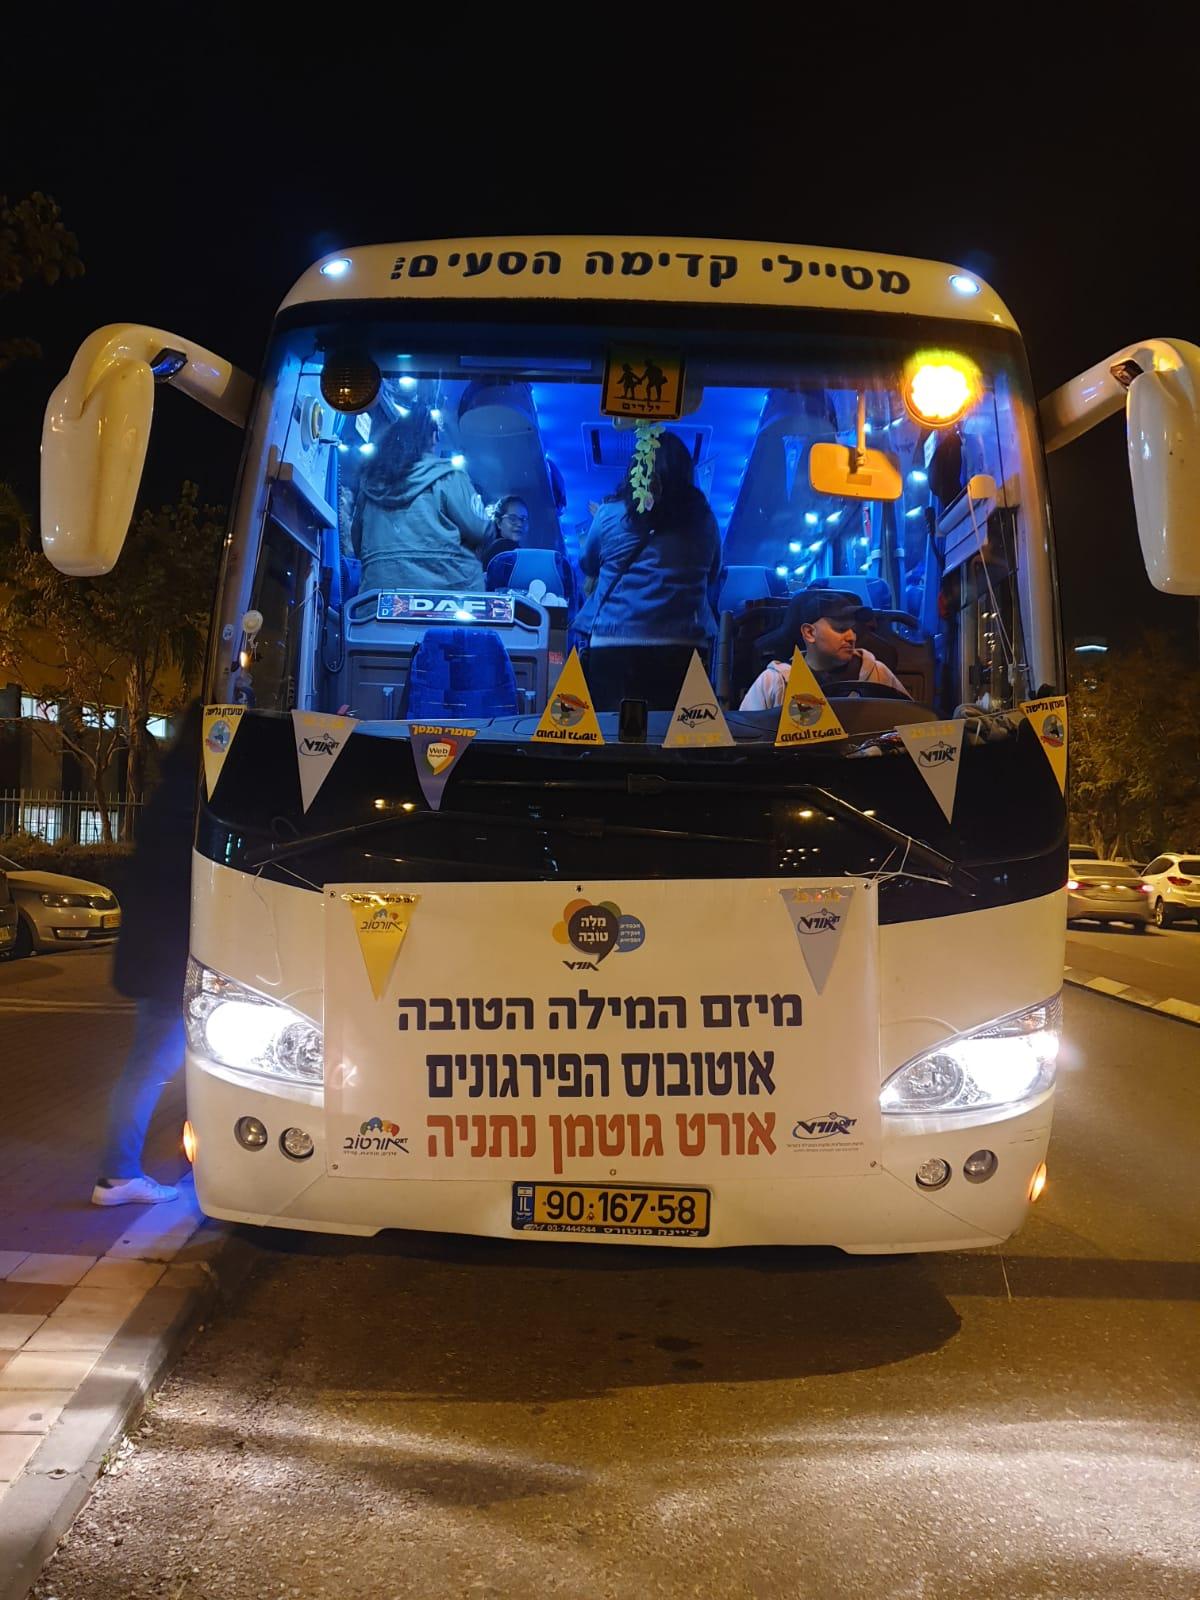 אוטובוס הפירגונים של רשת אורט. צילום: אורט ישראל